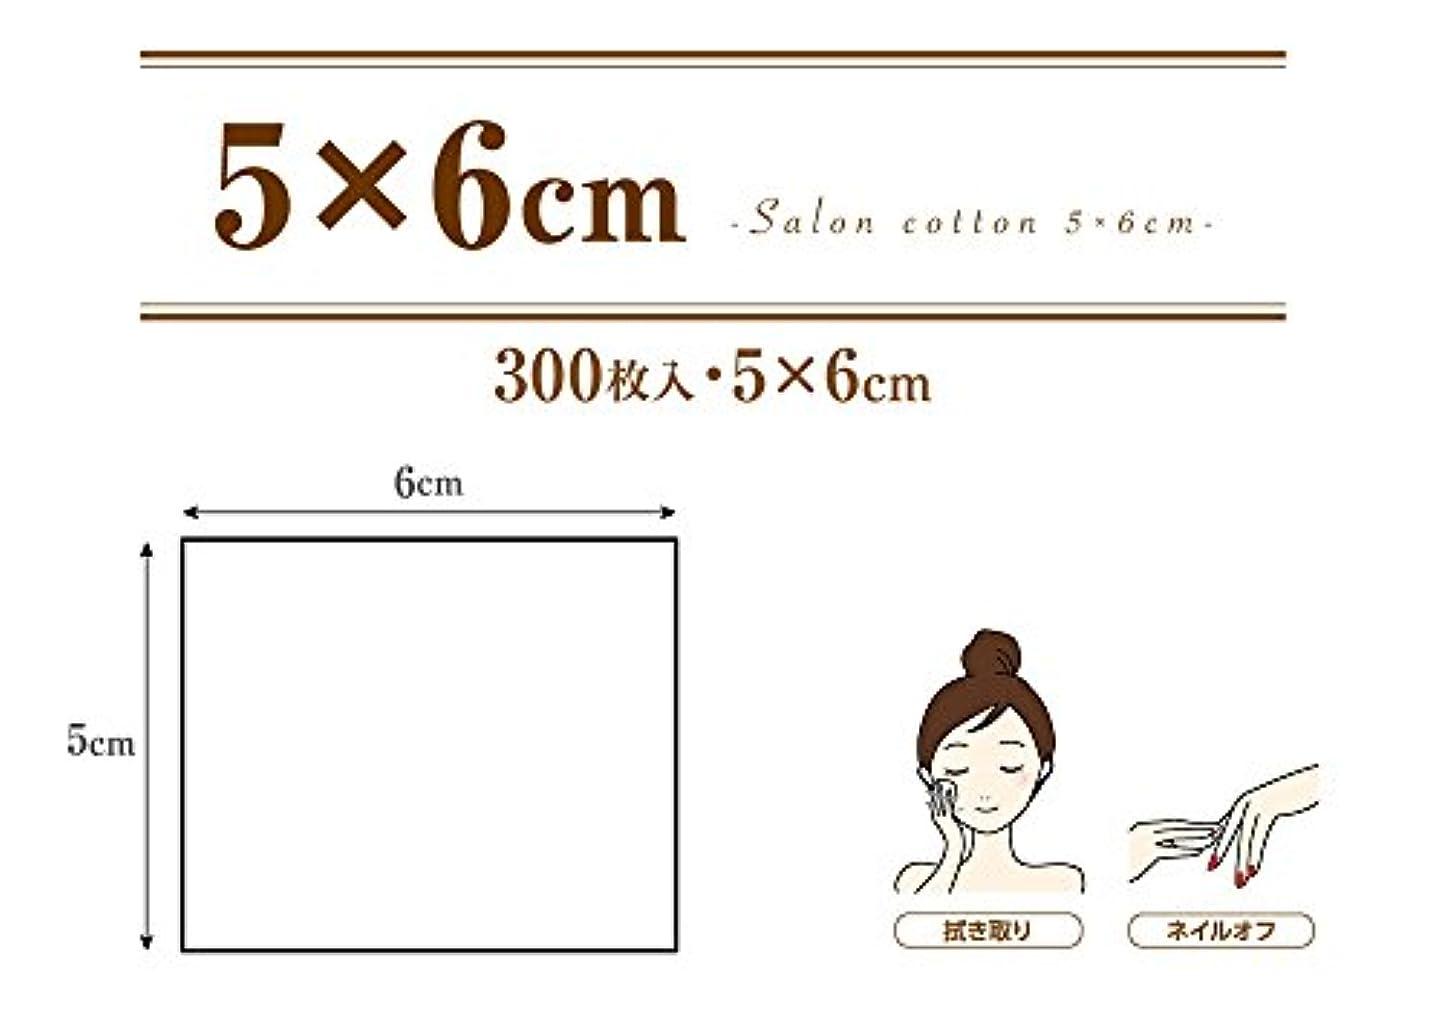 業務用 コットンパフ (5×6cm 300枚入 箱入り) サロンコットン 5×6